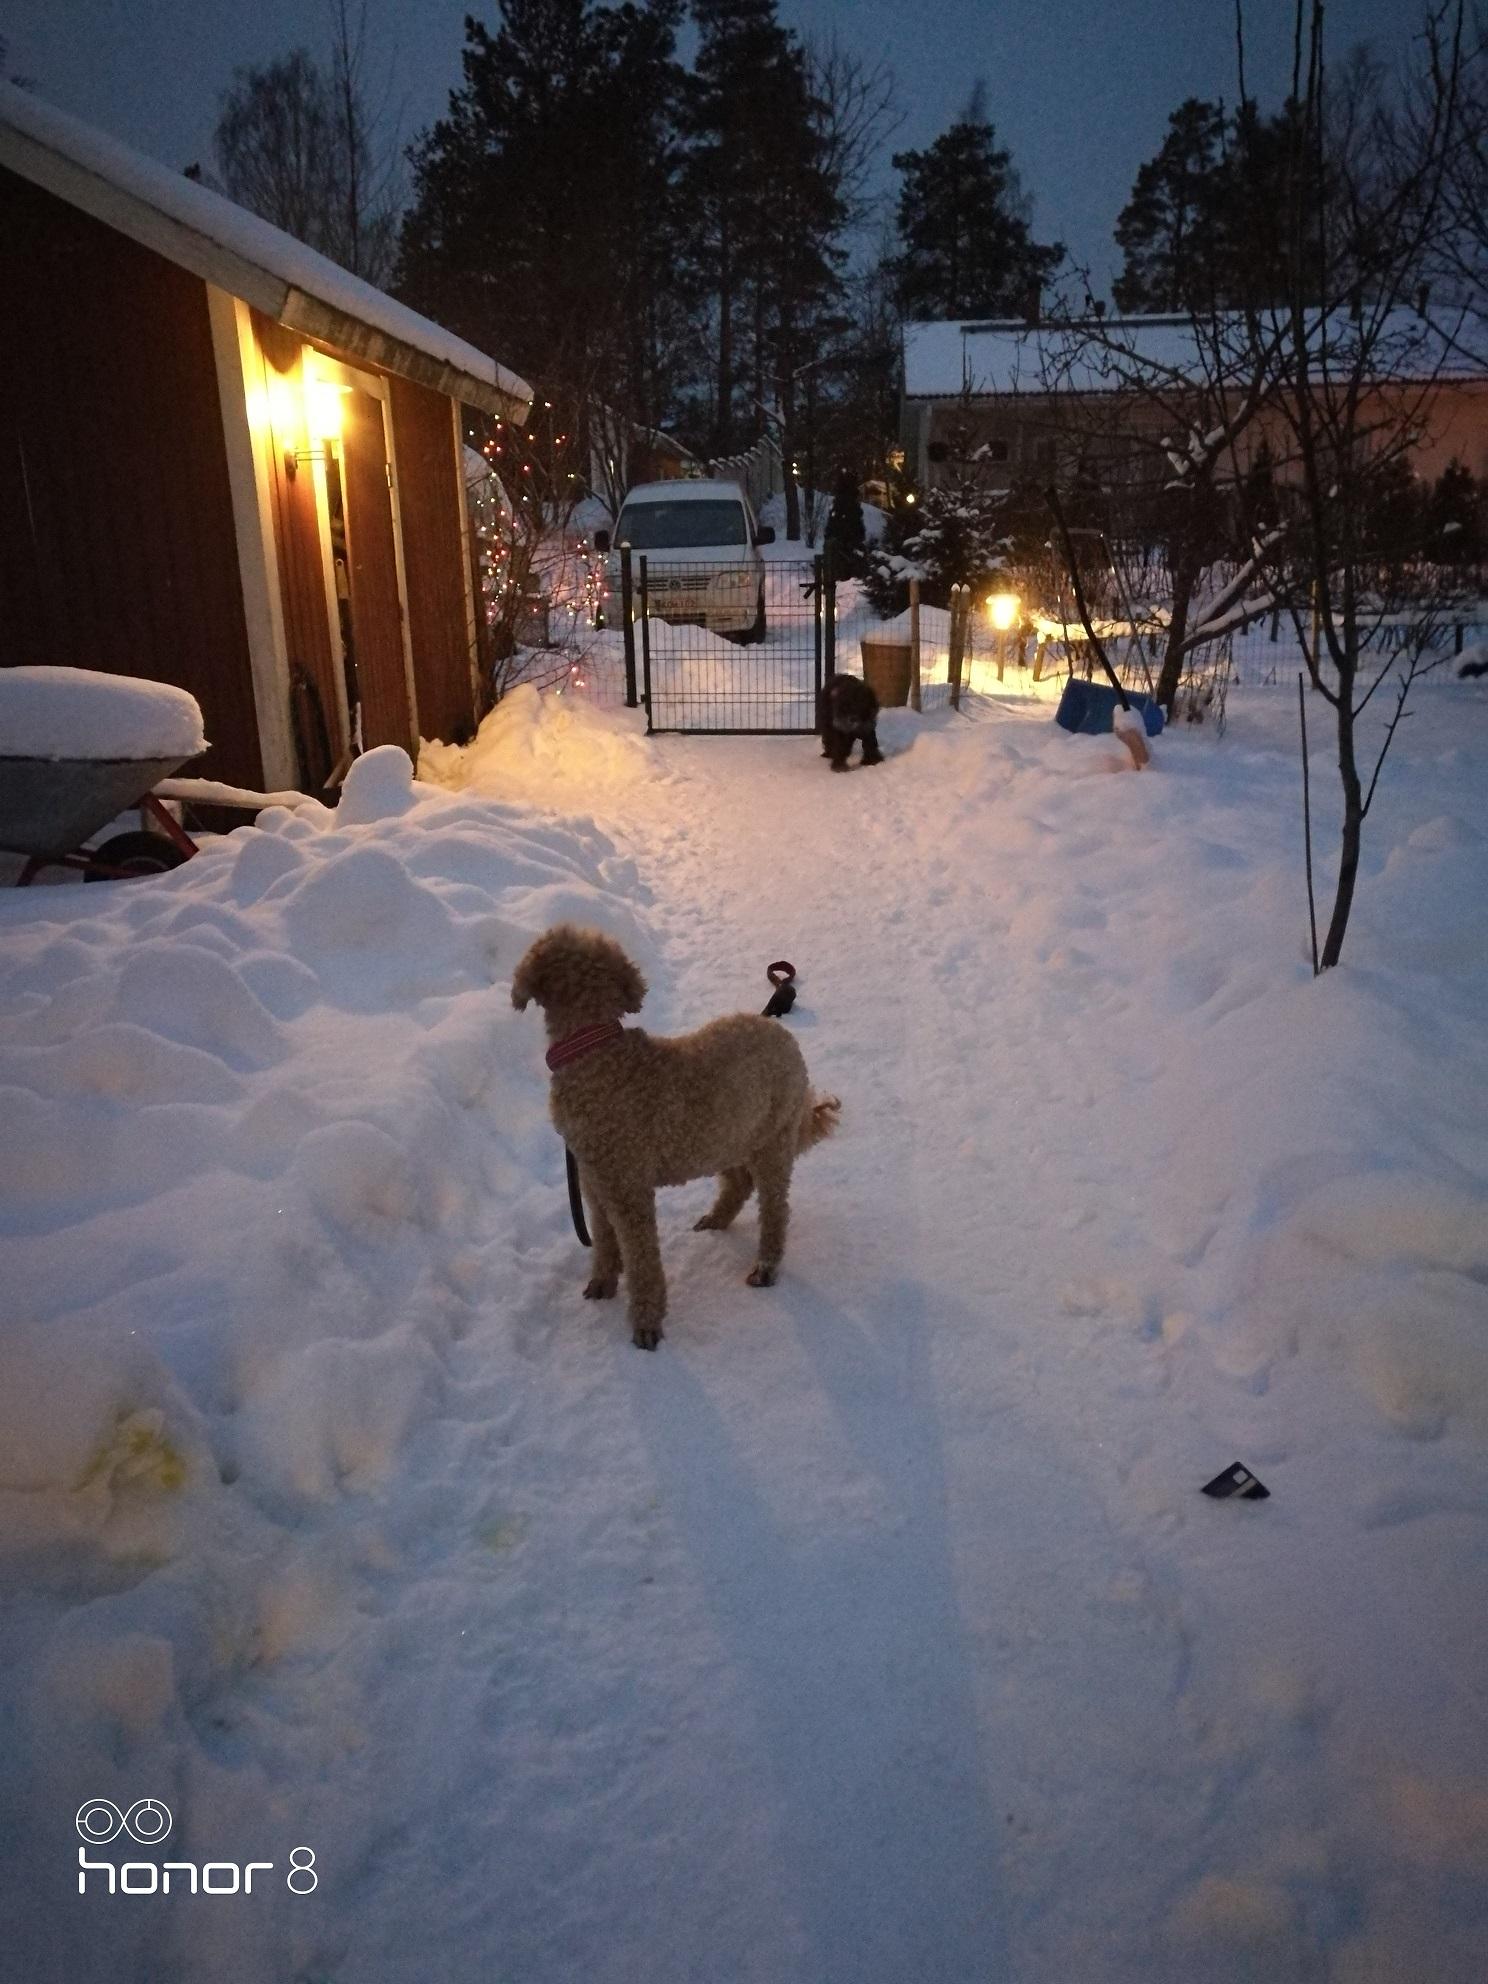 paras majoitus koirallesi koirahotelli perro